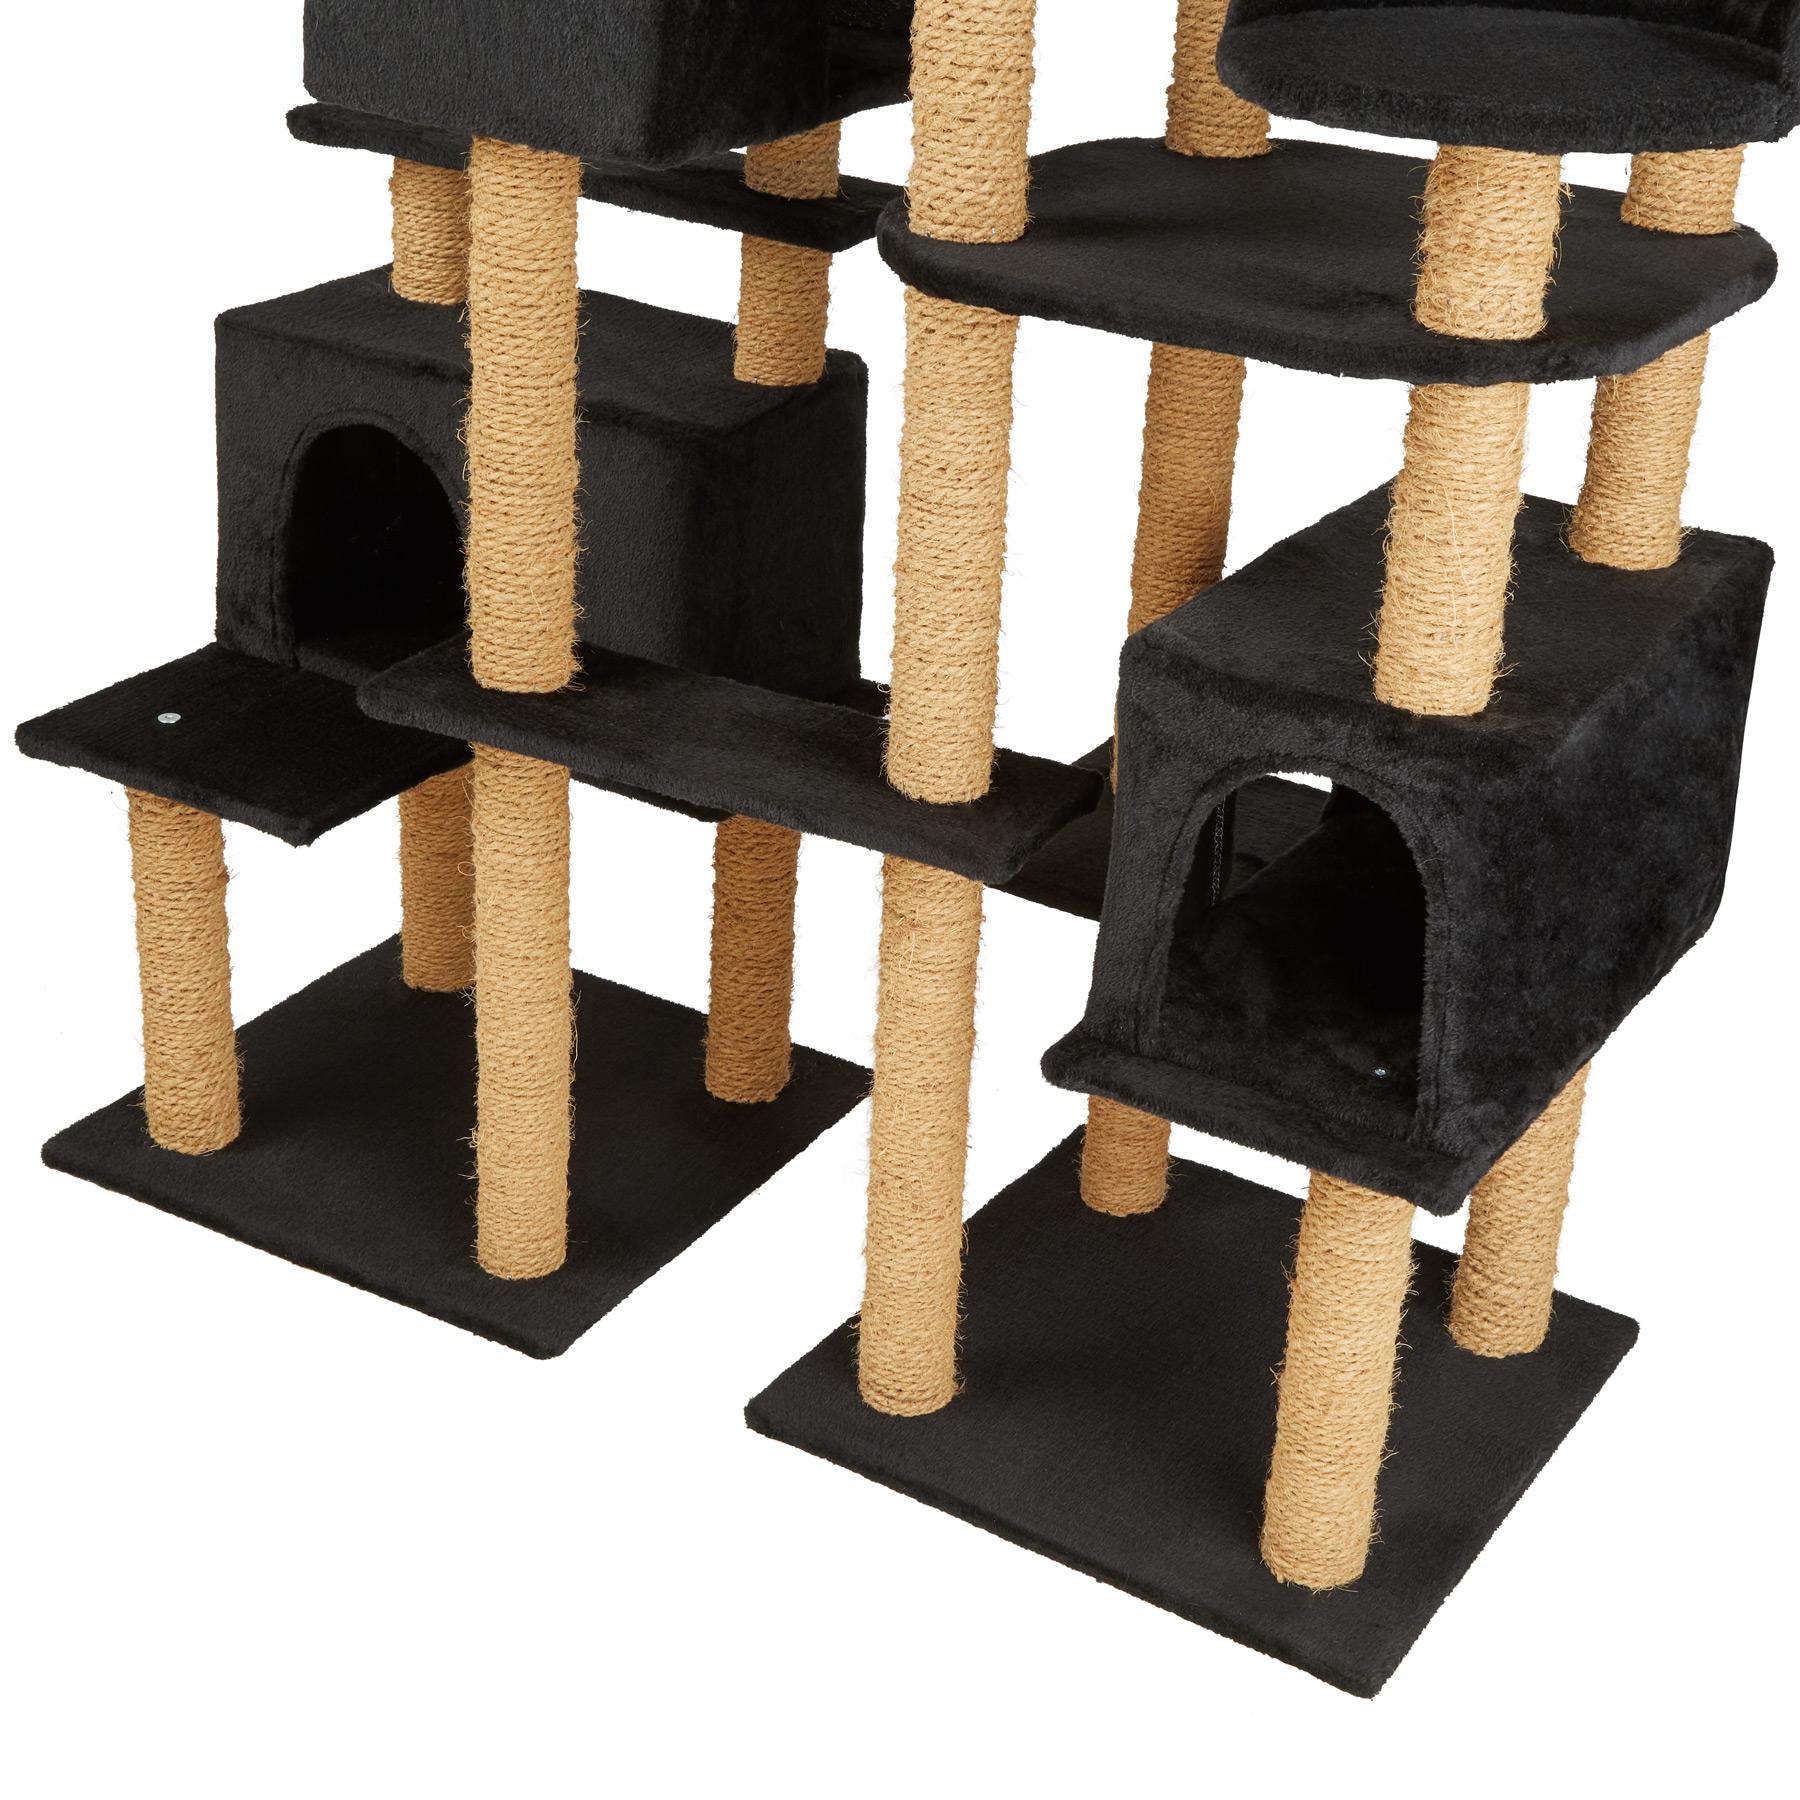 xxl arbre chat griffoir grattoir jouet jeux meuble 214cm pour chats noir ebay. Black Bedroom Furniture Sets. Home Design Ideas